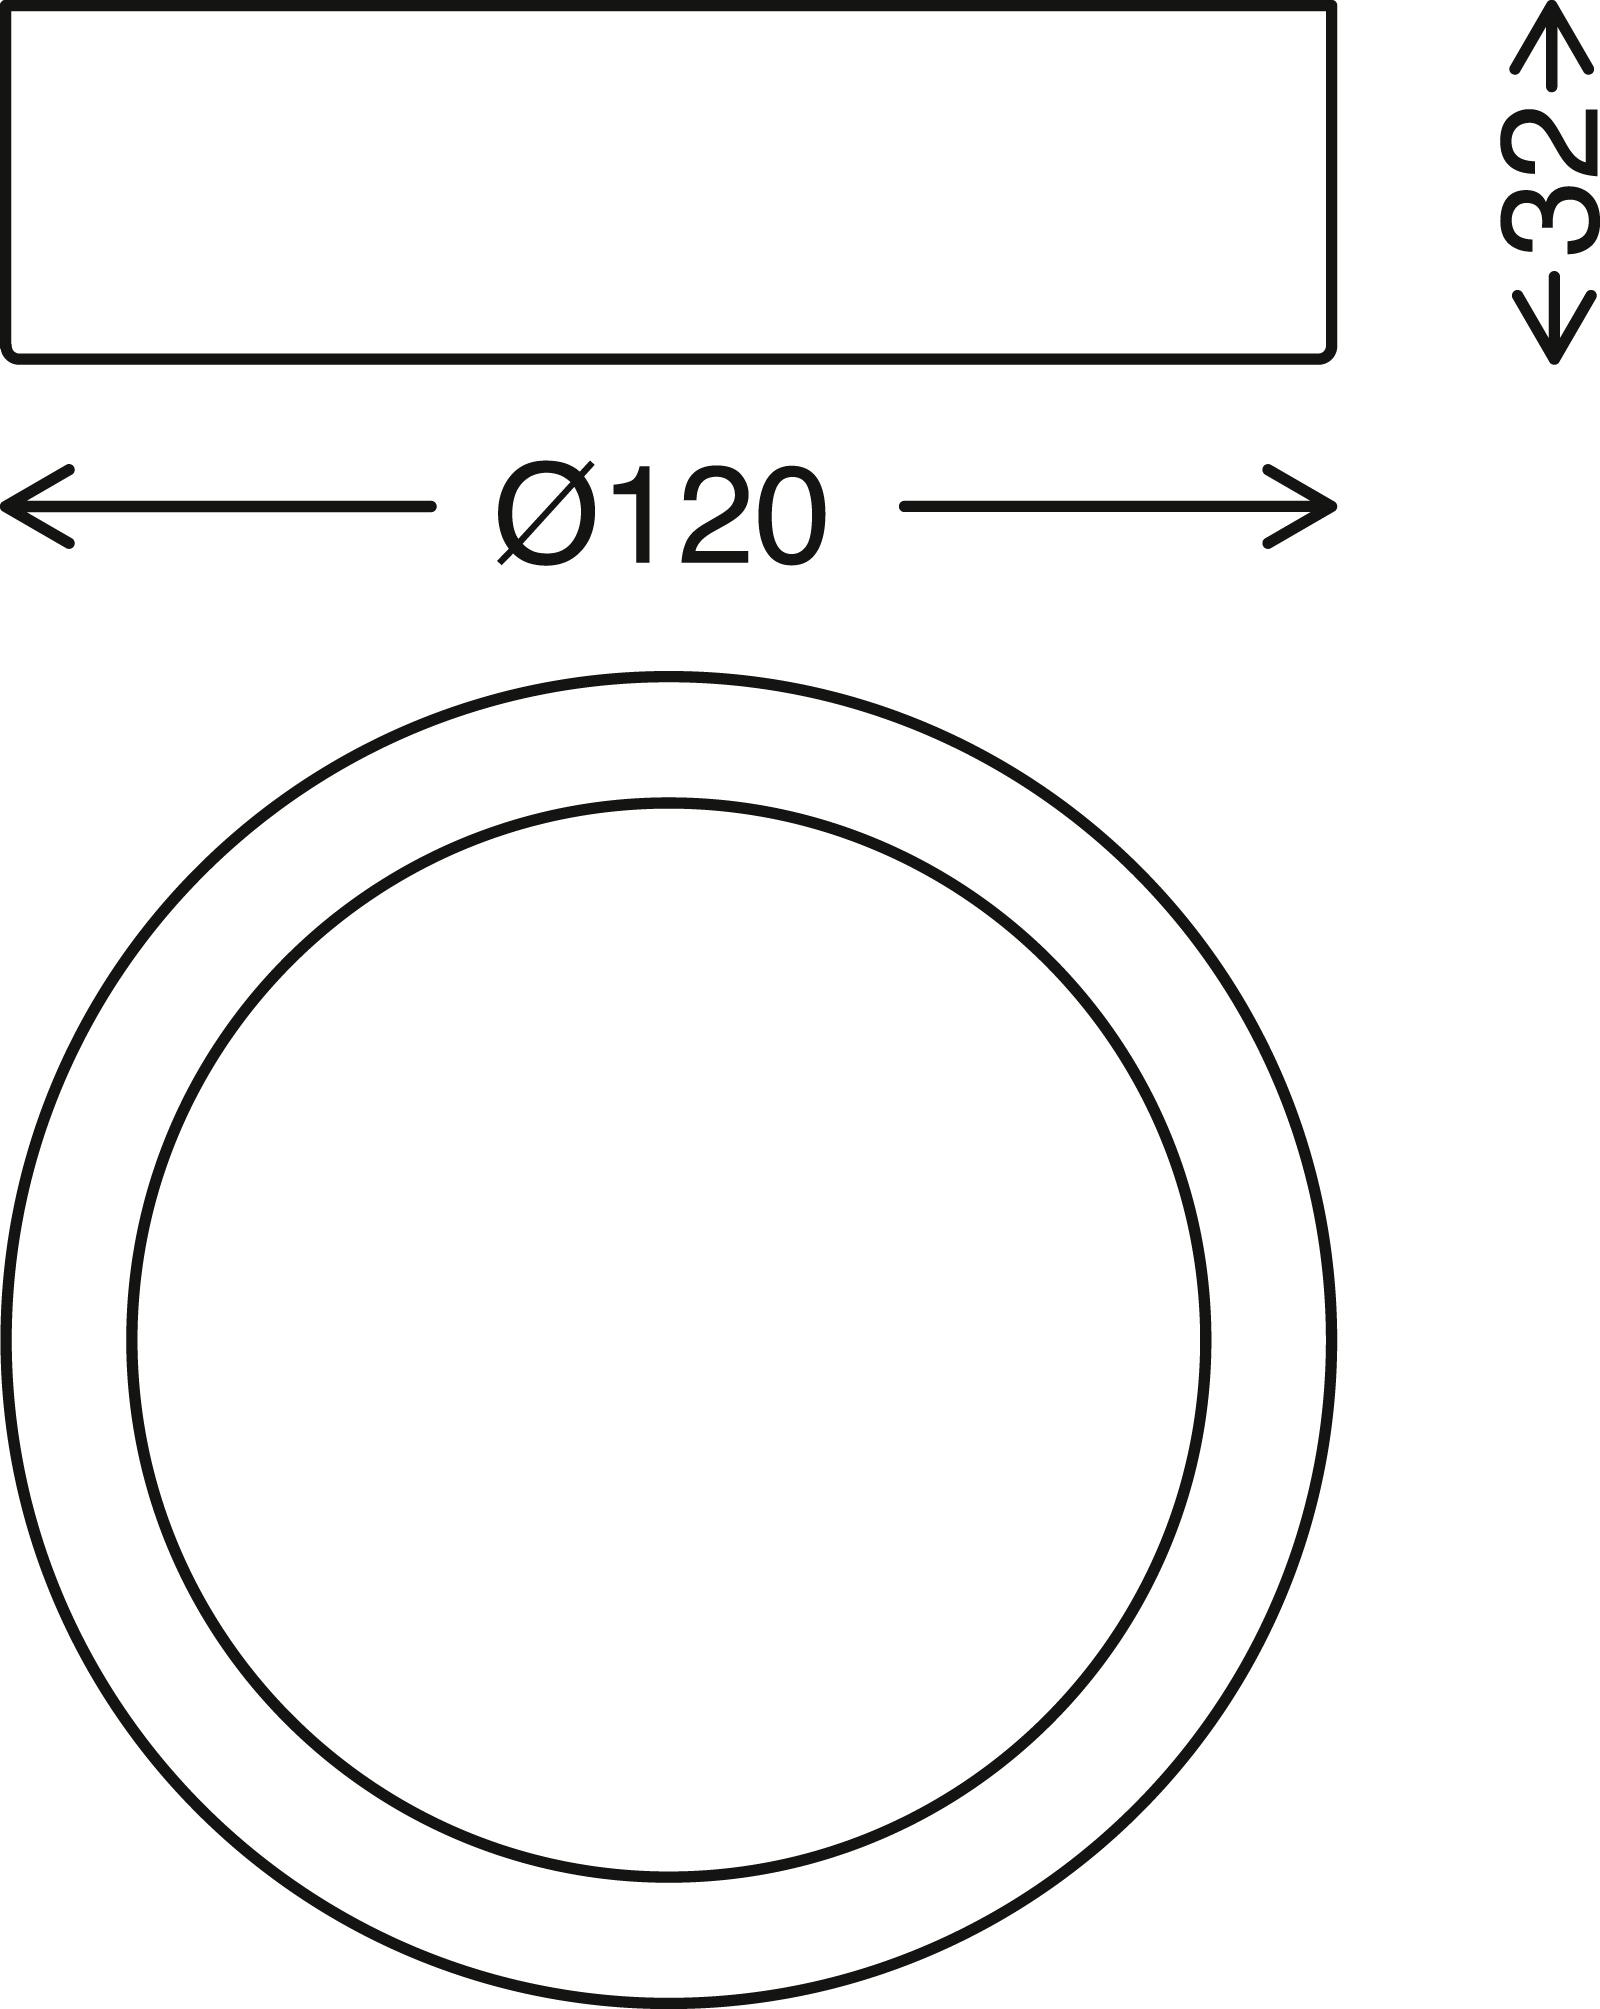 LED Deckenleuchte, Ø 12 cm, 7 W, Schwarz